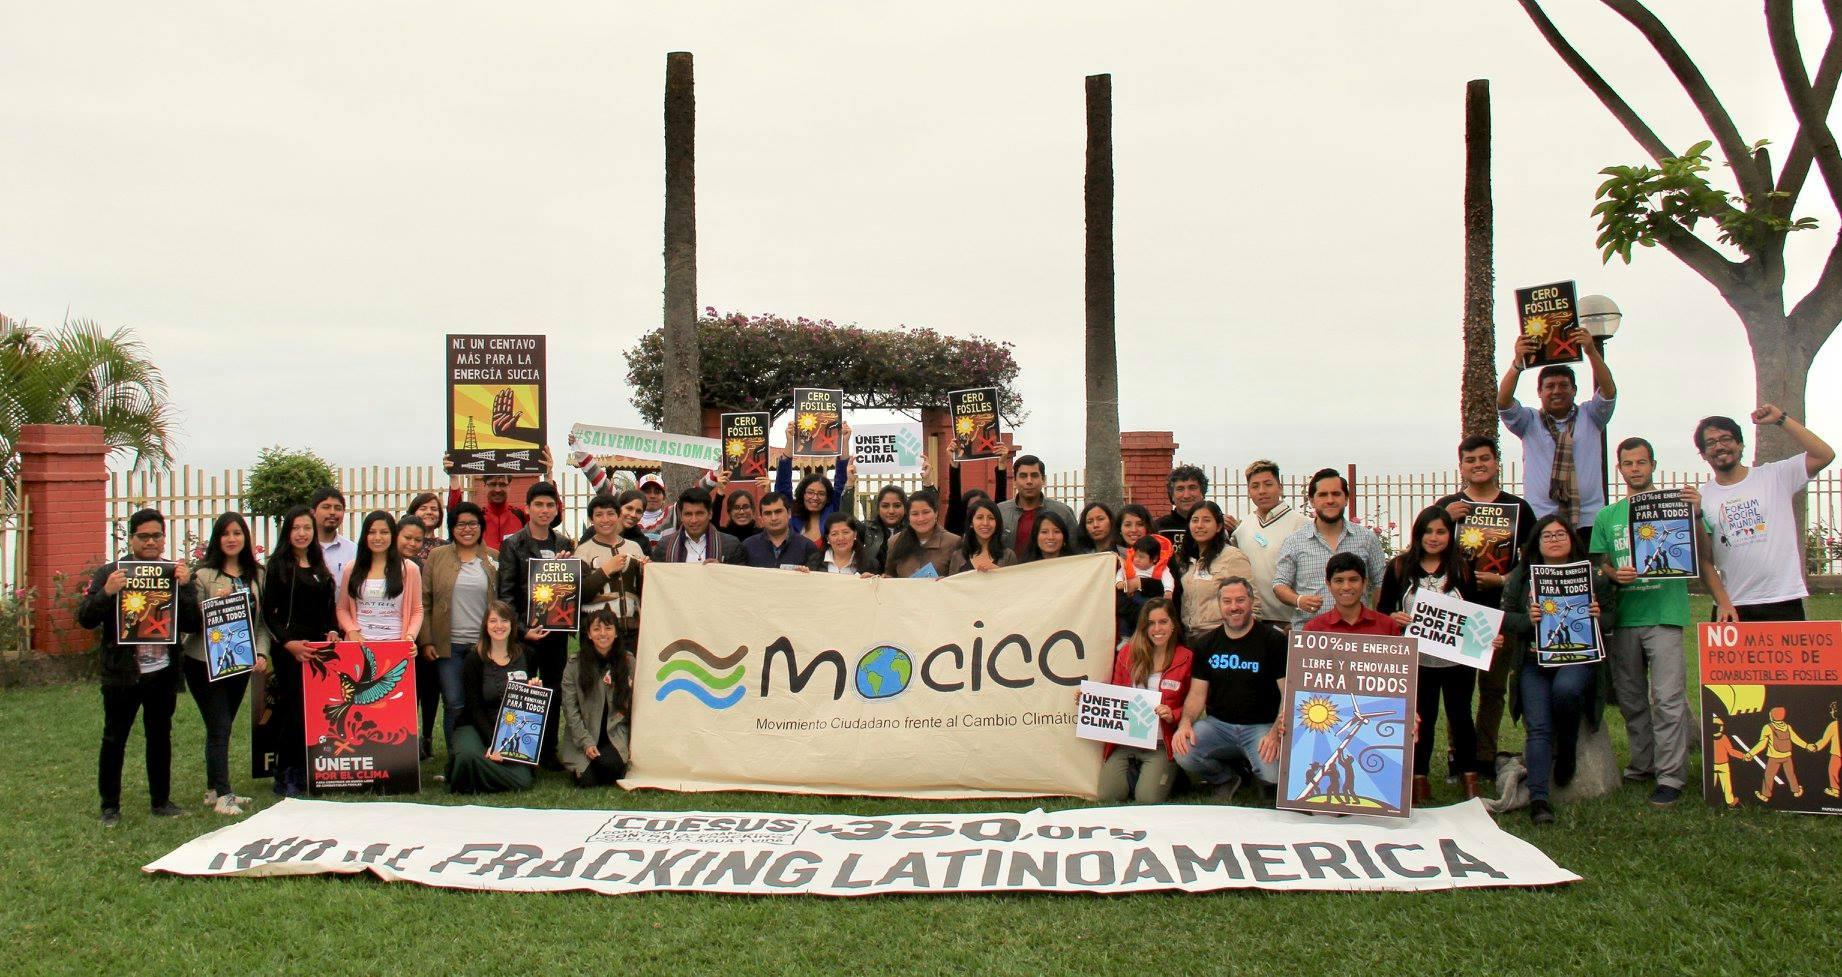 """MOCICC y 350.org realizaron encuentro preparativo """"Únete por el clima"""""""